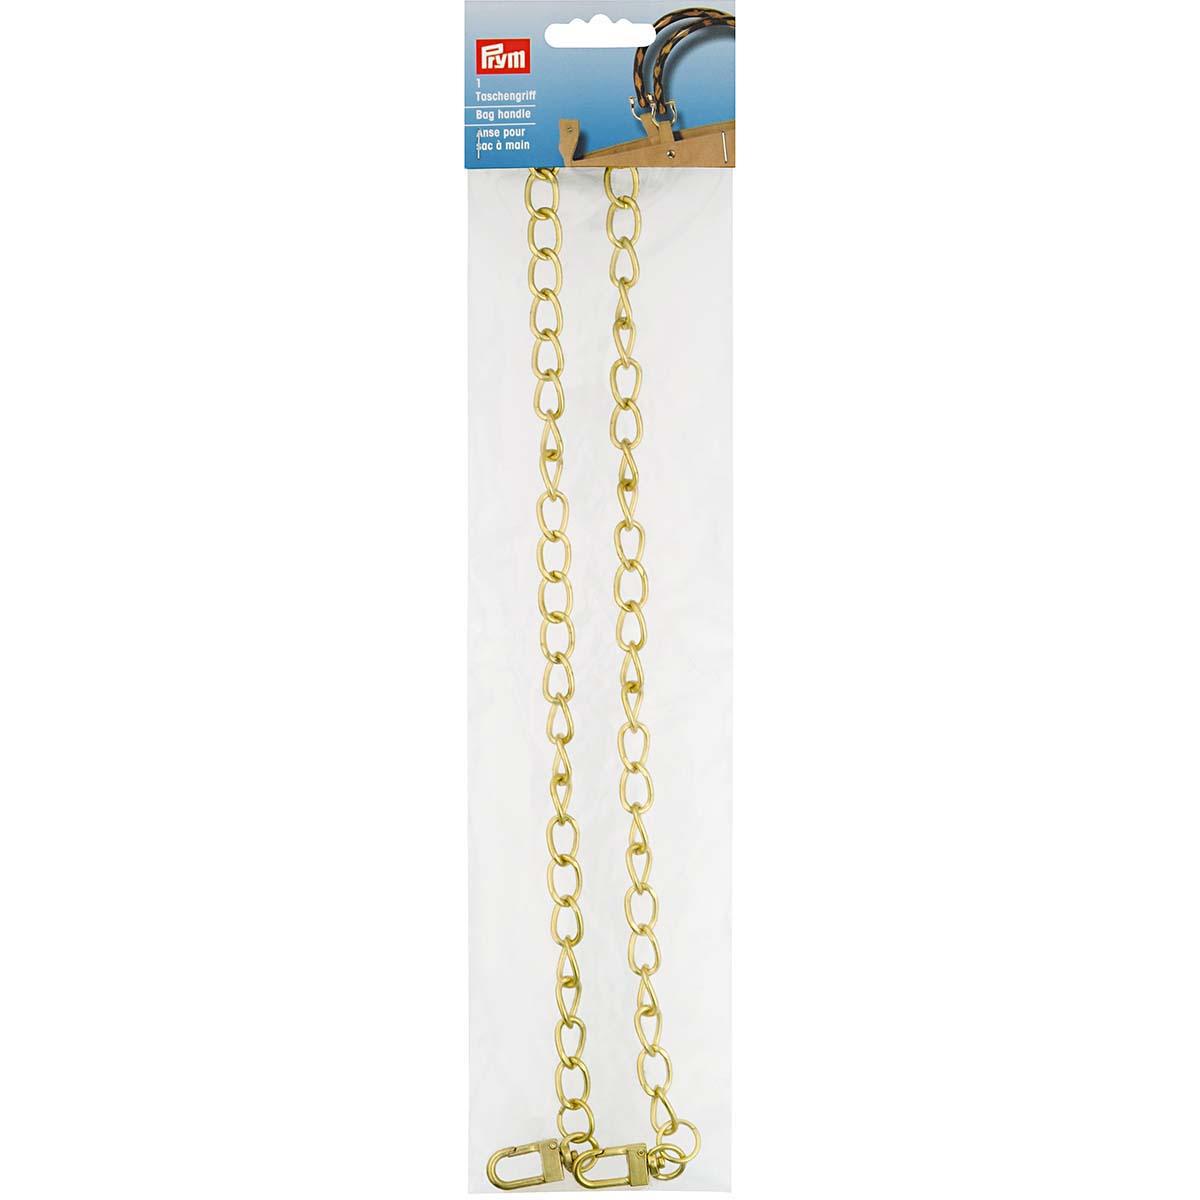 615177 Цепочка для сумки 'Kate' 70см, цв.золотистый Prym